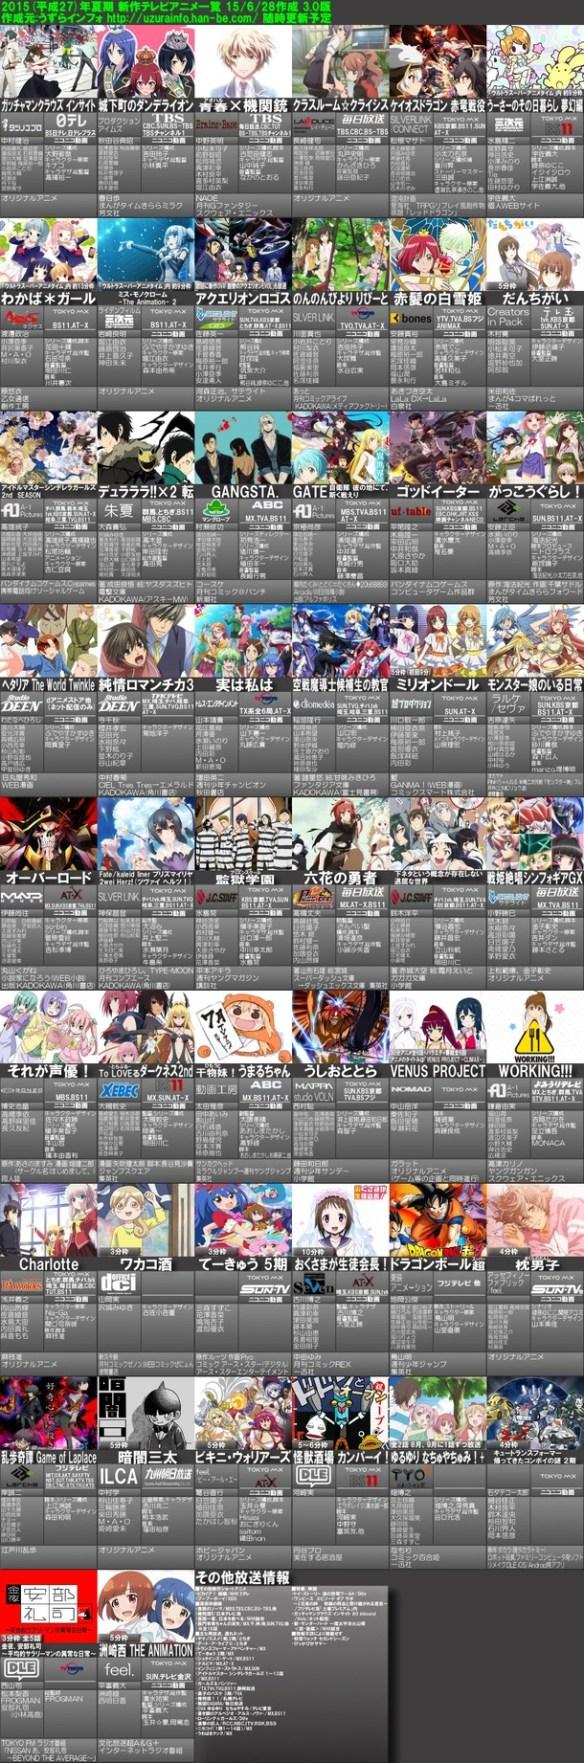 【朗報】夏アニメ、まさかのハズレ枠0達成か?